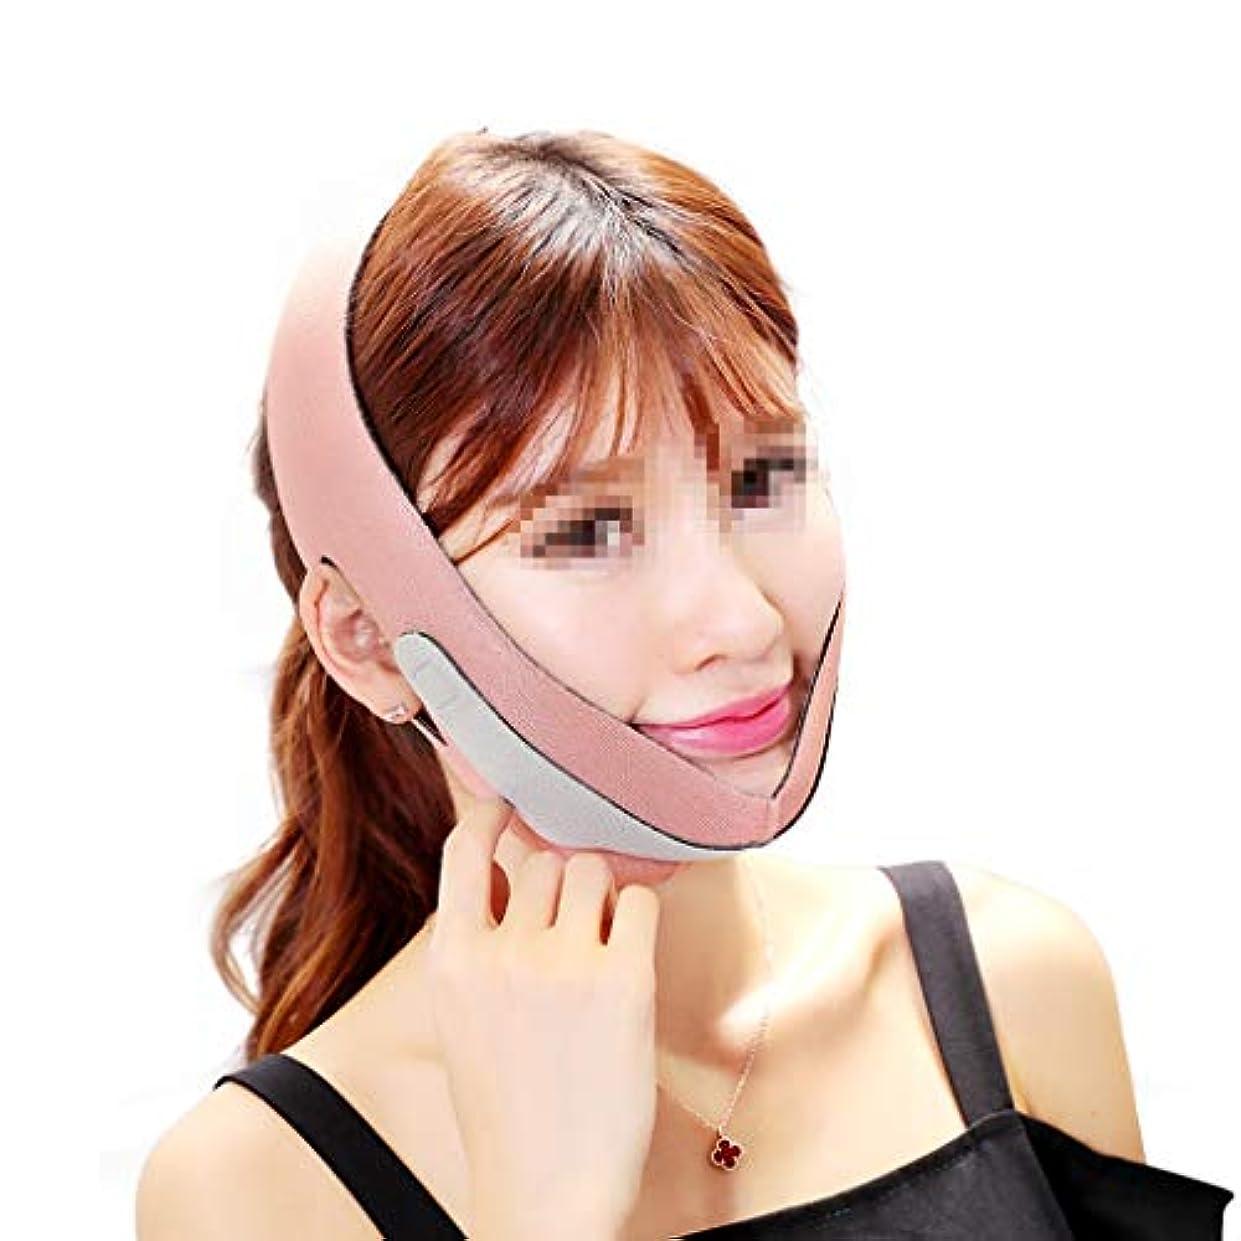 虚偽イサカ改修フェイスリフトマスク、小さなVフェイス睡眠包帯マスクシンダブルチンリフト引き締め肌